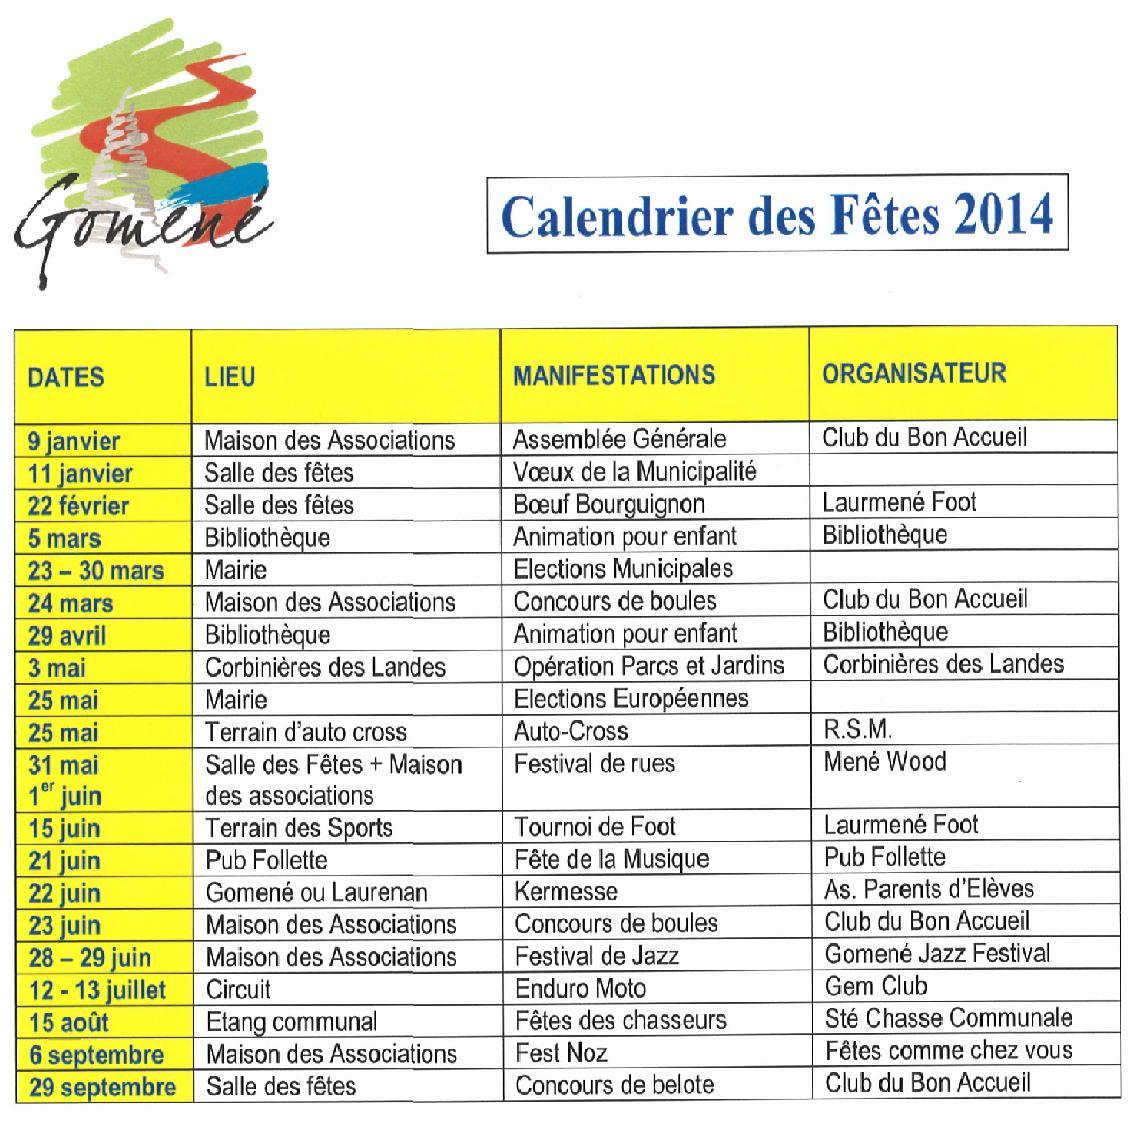 Calendrier fêtes 2014